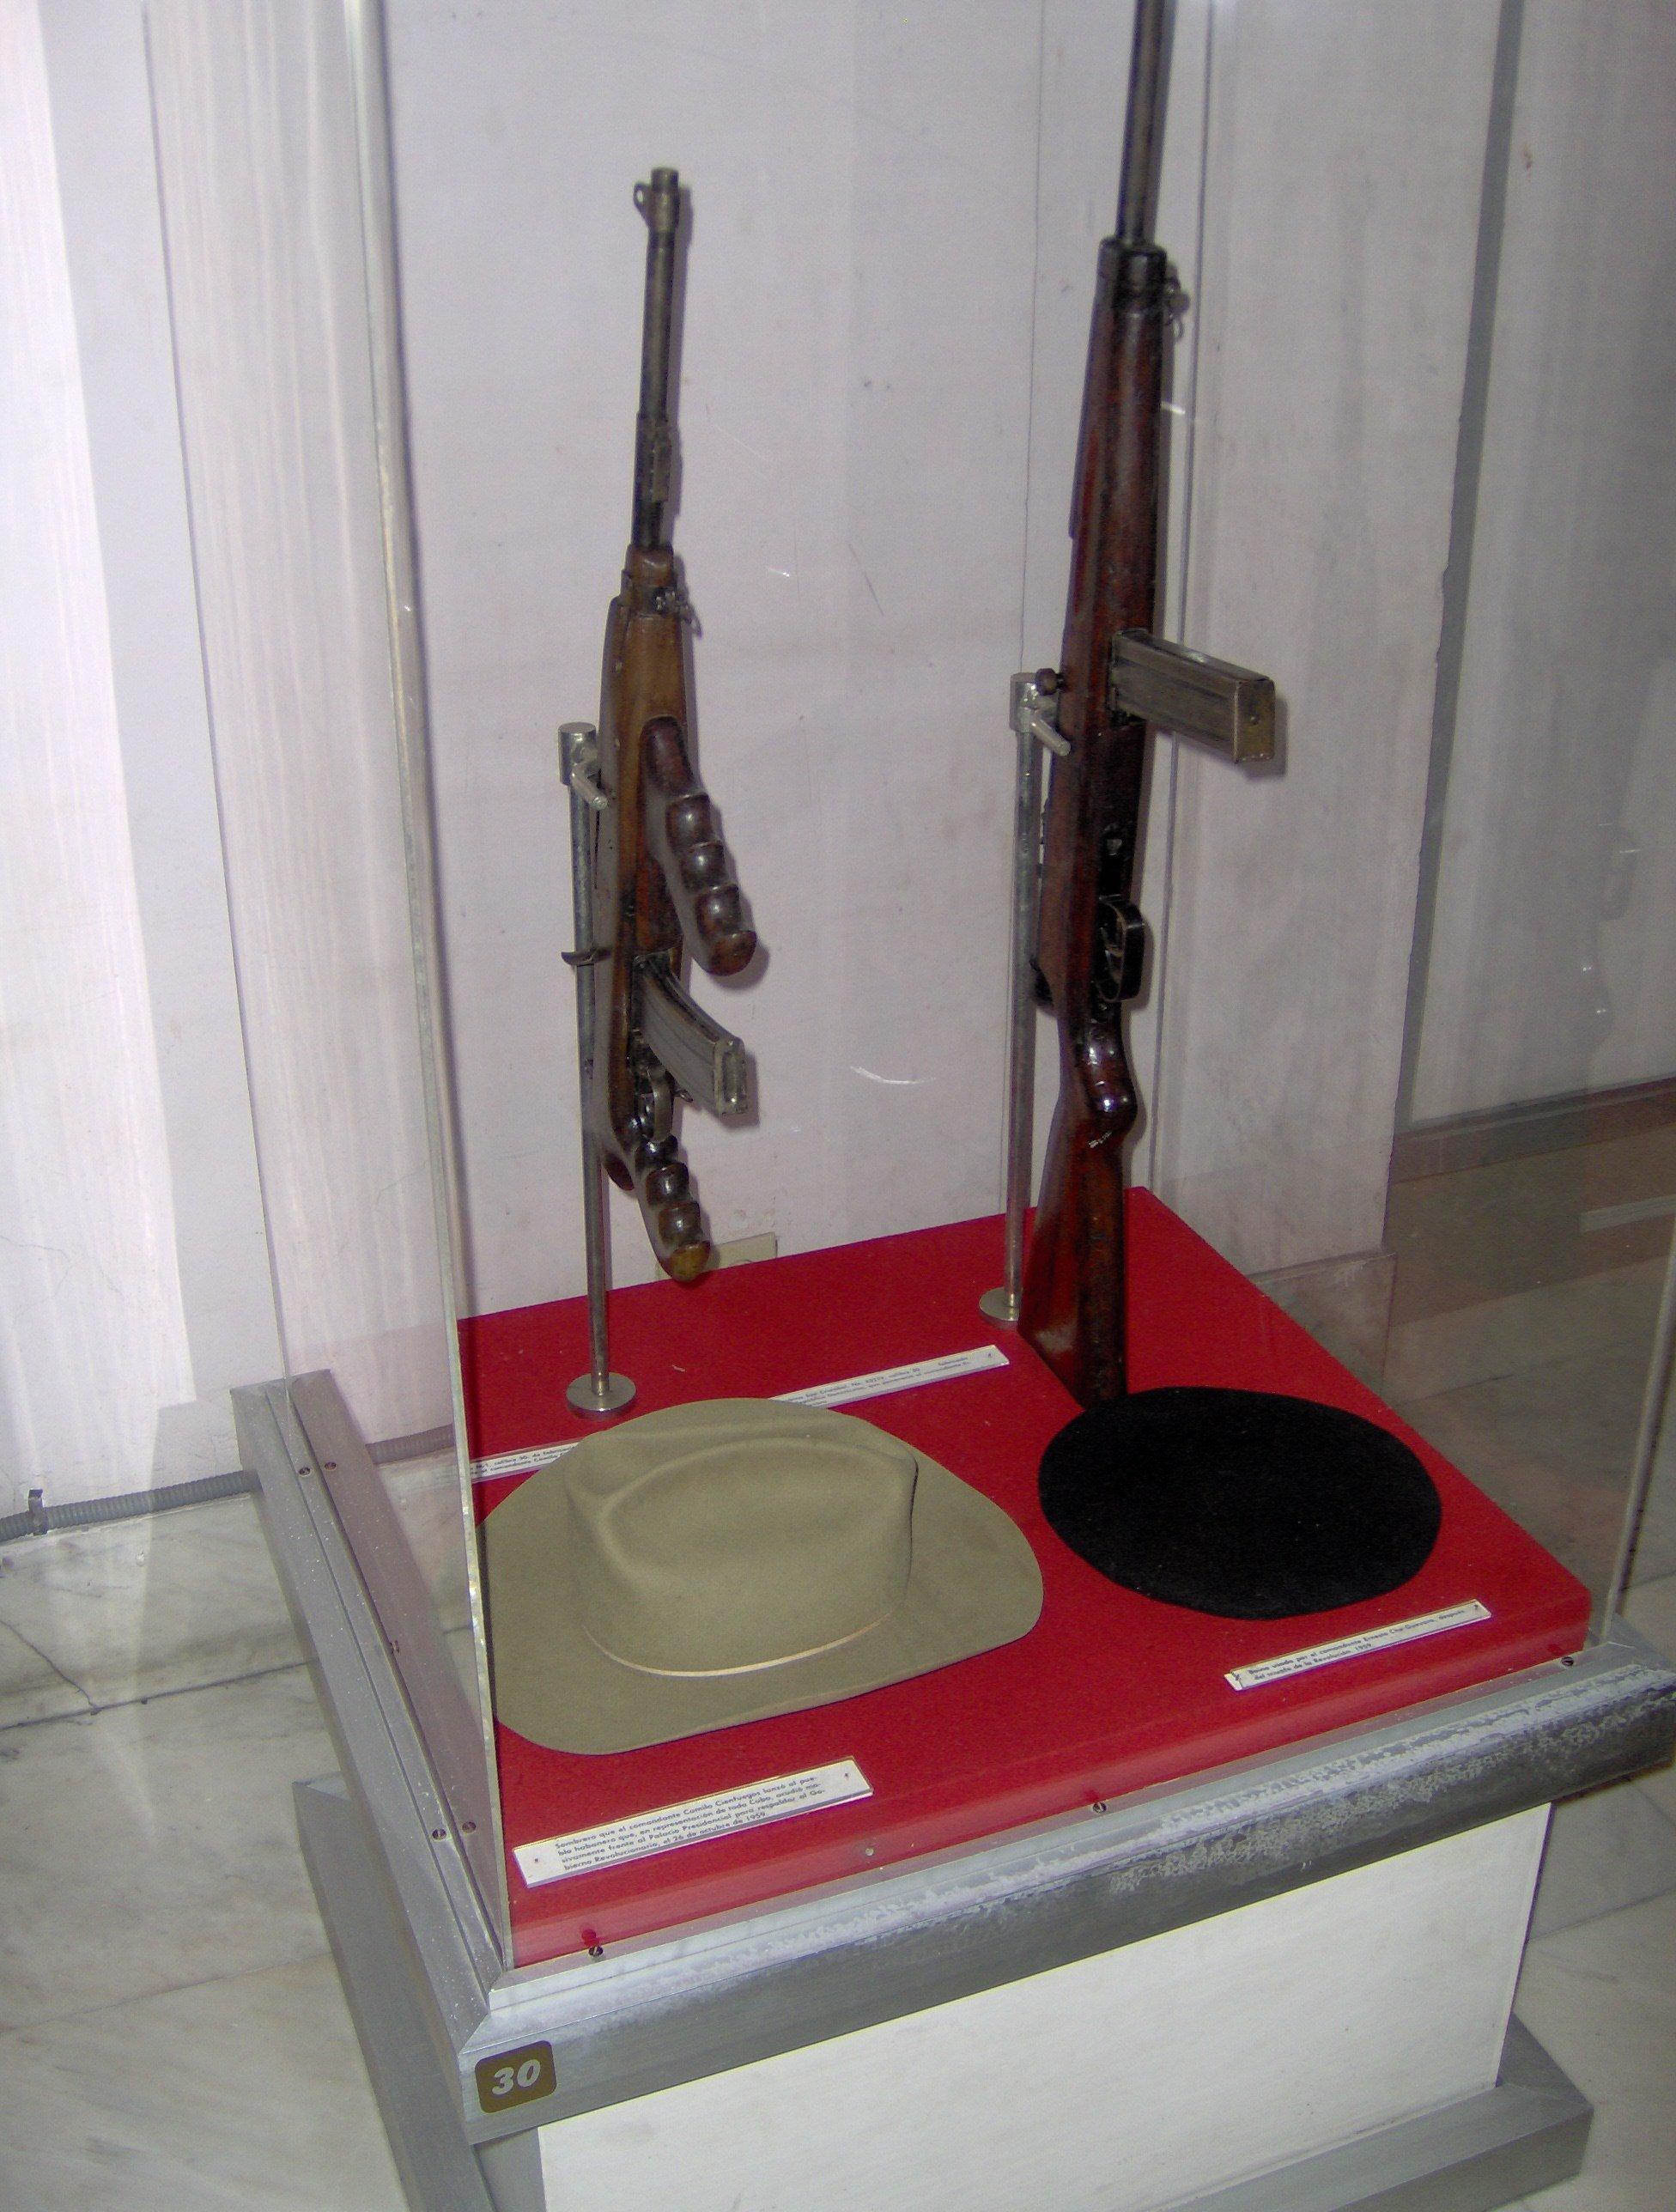 Fusiles de Camilo Cienfuegos y el Che Guevara (Museo de la Revolución, La Habana).